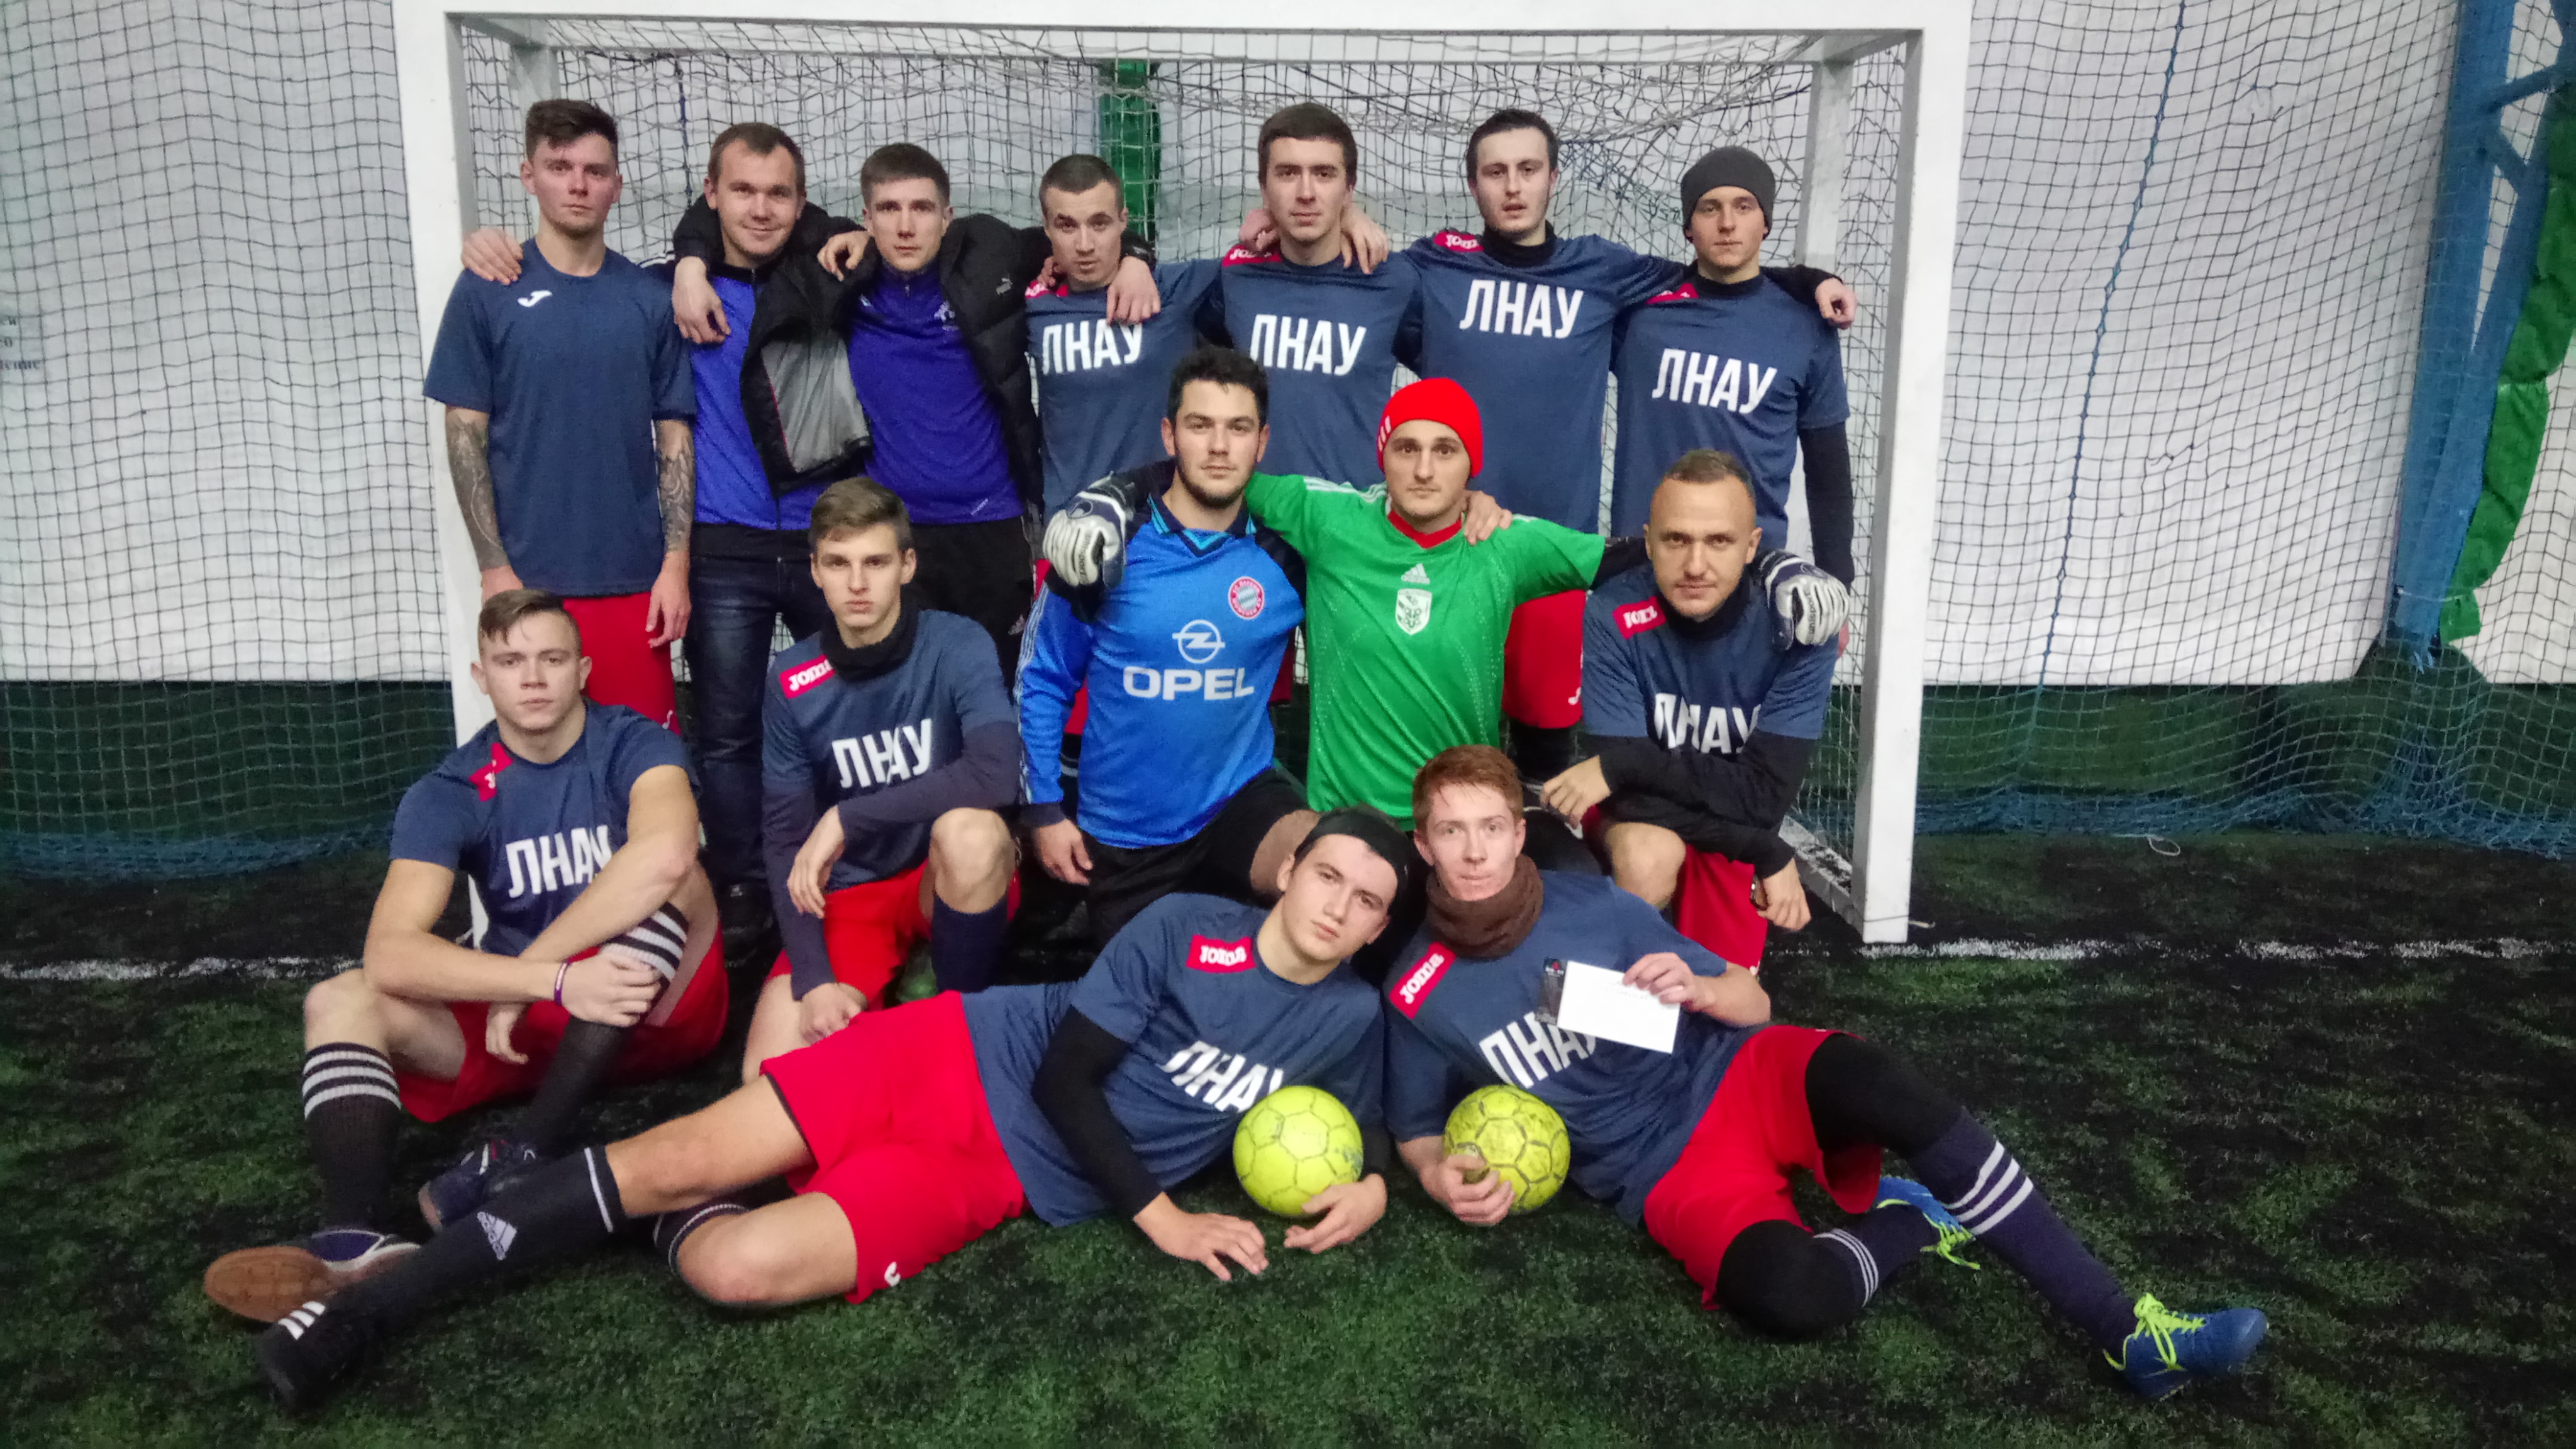 (Українська) Є! Перша футбольна звитяга ЛНАУ після переміщення в Харків!